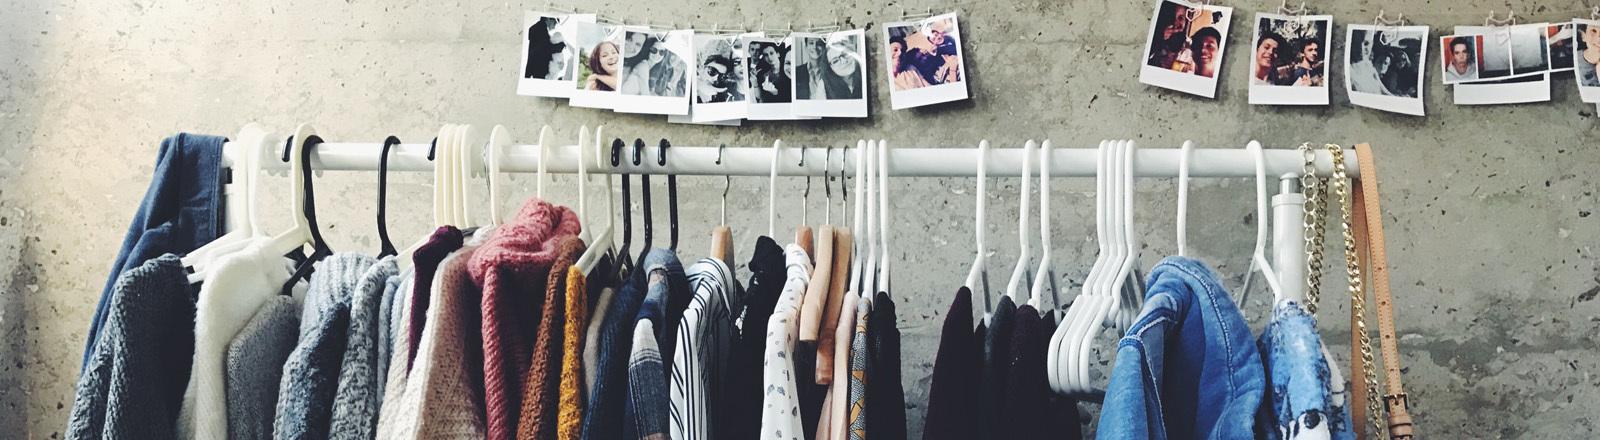 Kleiderstange mit verschiedenen Kleidungsstücken